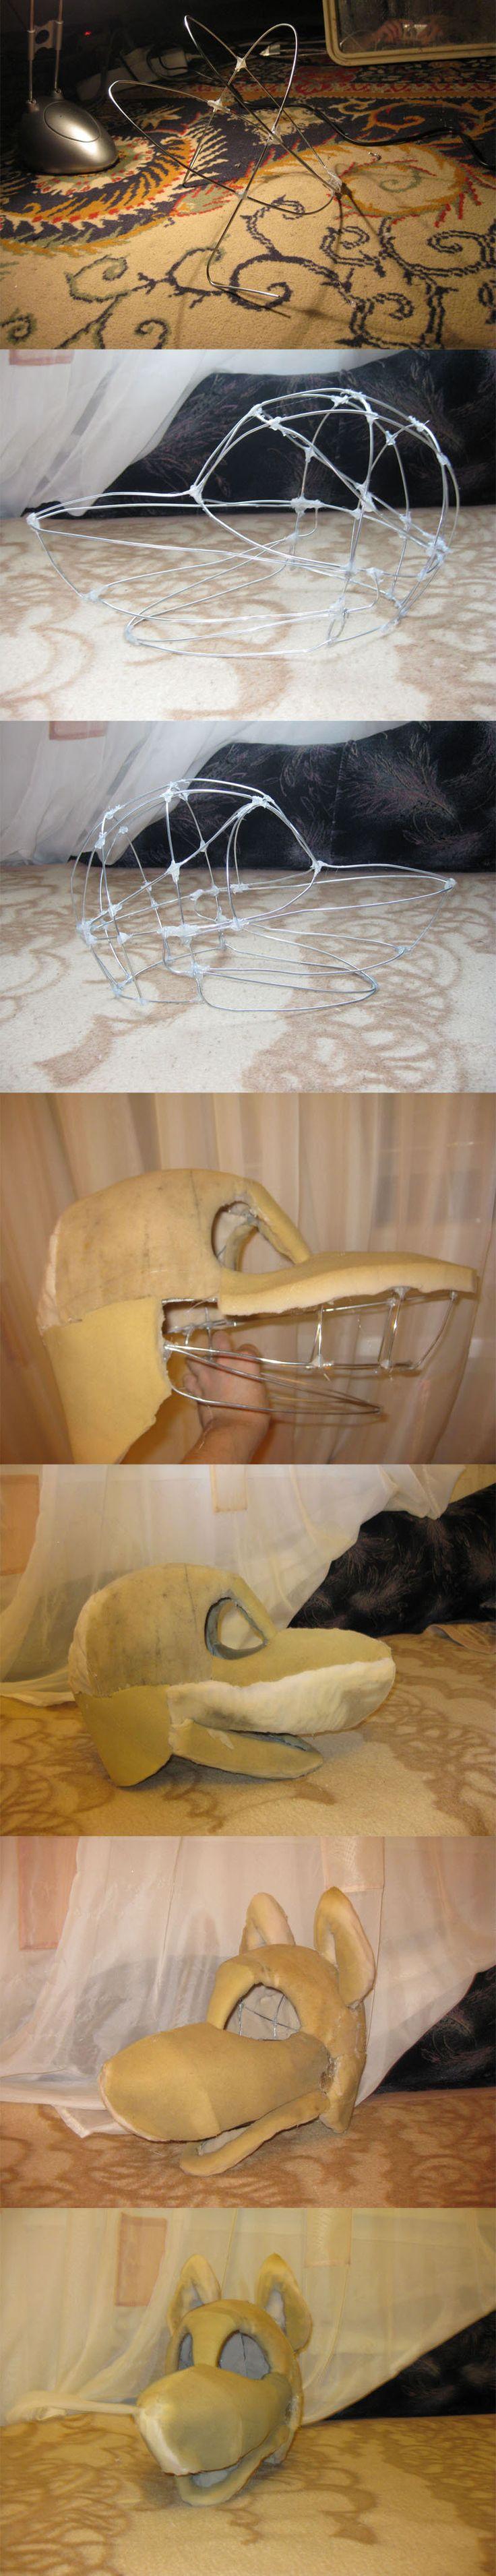 My new fursuit head-part1 Most csinálom a legújabb fursuitomat Nem &#233pen terveztem.Amikor a boltban jártam,hogy a régi suitomhoz vegyek kiegészítő szőrt b...